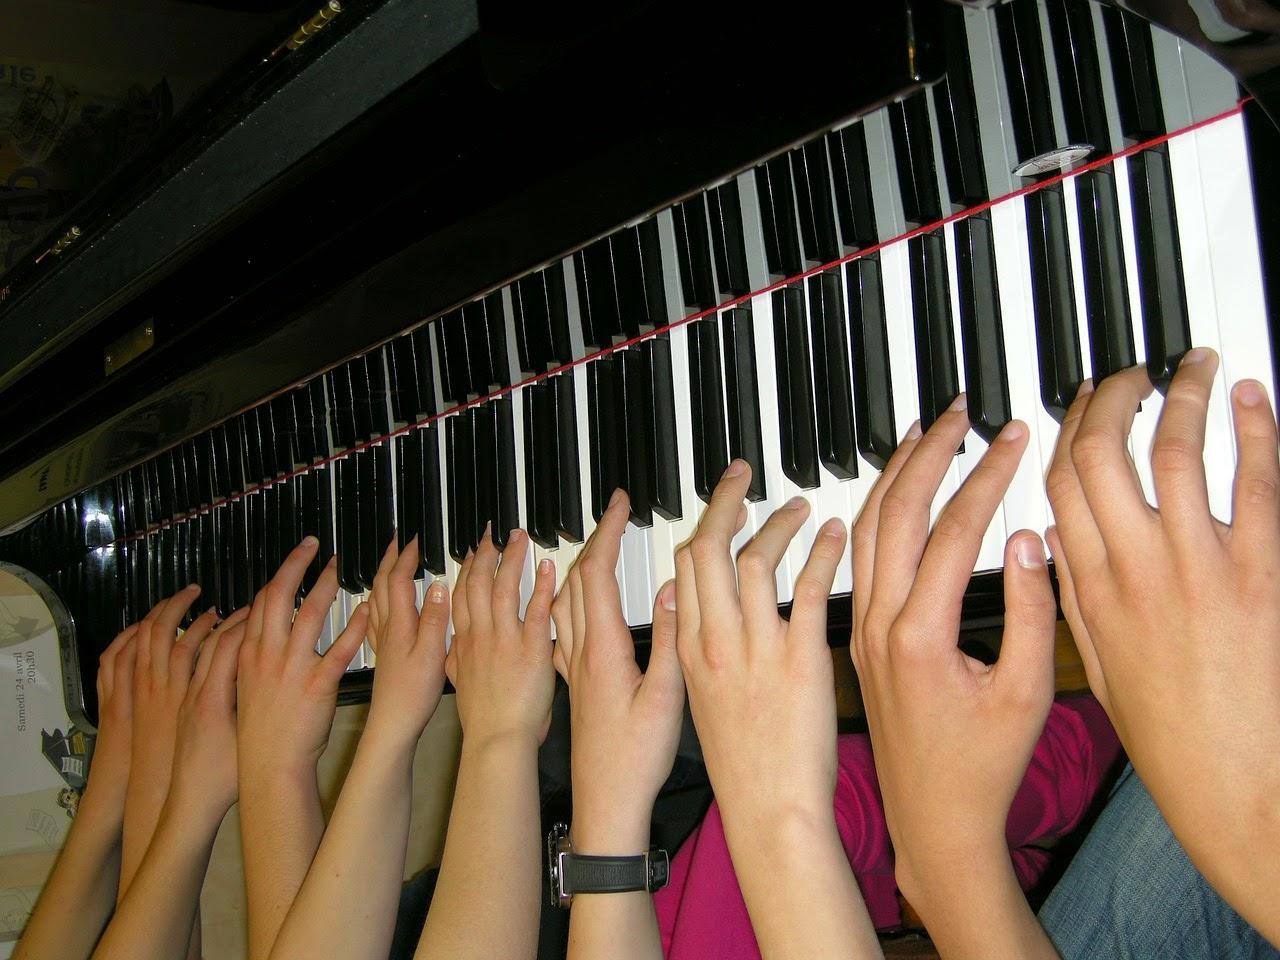 dedos no piano